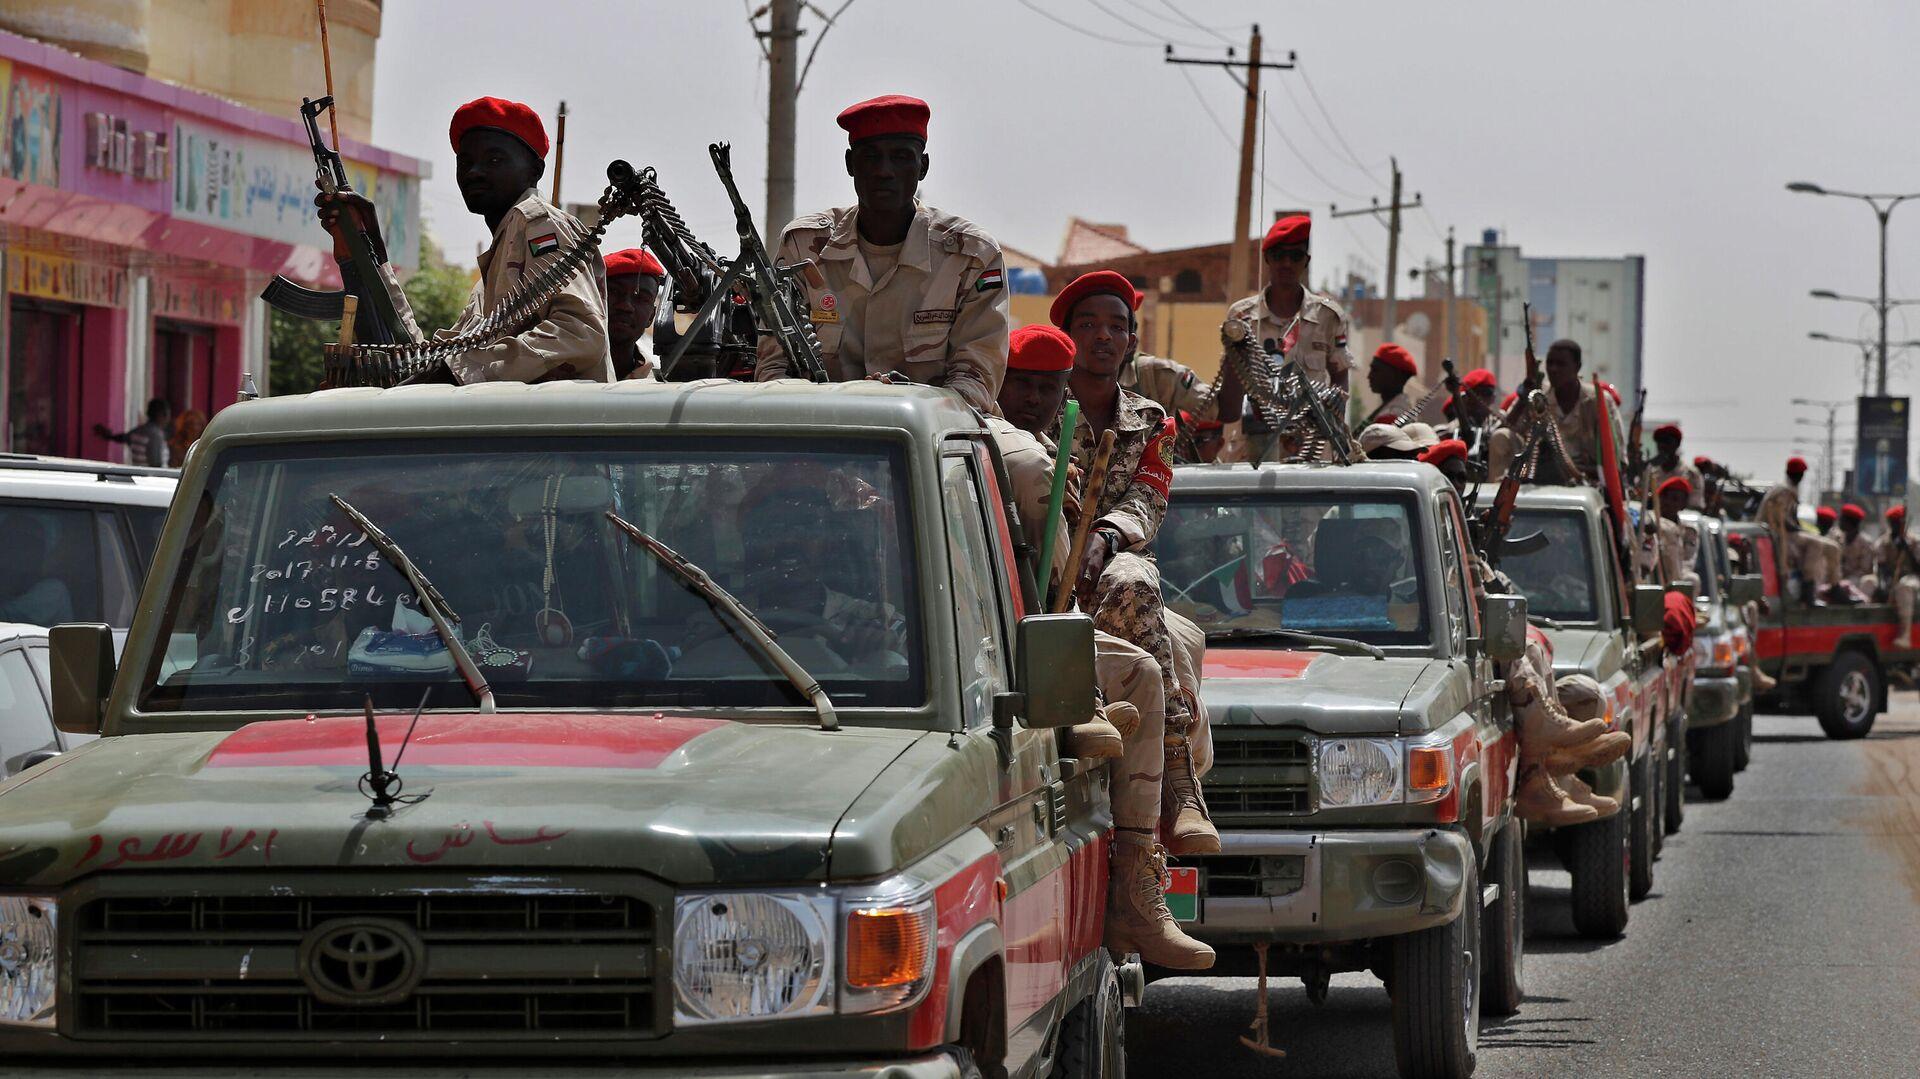 Суданские военнослужащие из формирования Силы быстрой поддержки в Хартуме, Судан  - РИА Новости, 1920, 21.09.2021